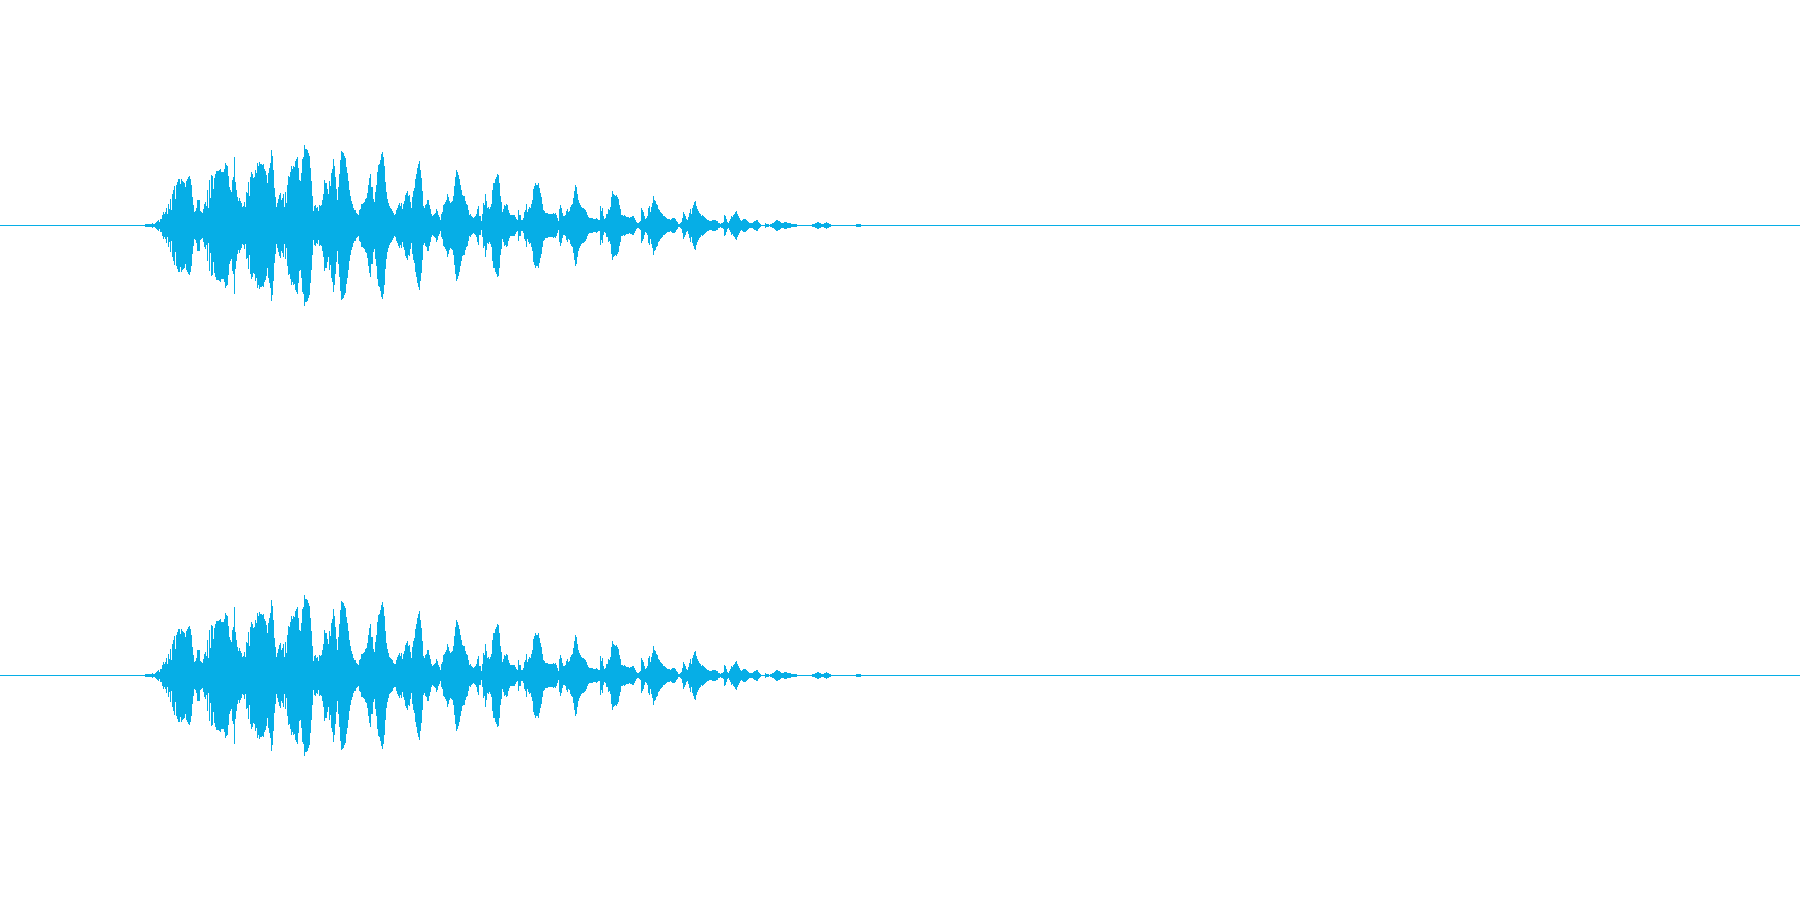 【ショートブリッジ12-1】の再生済みの波形